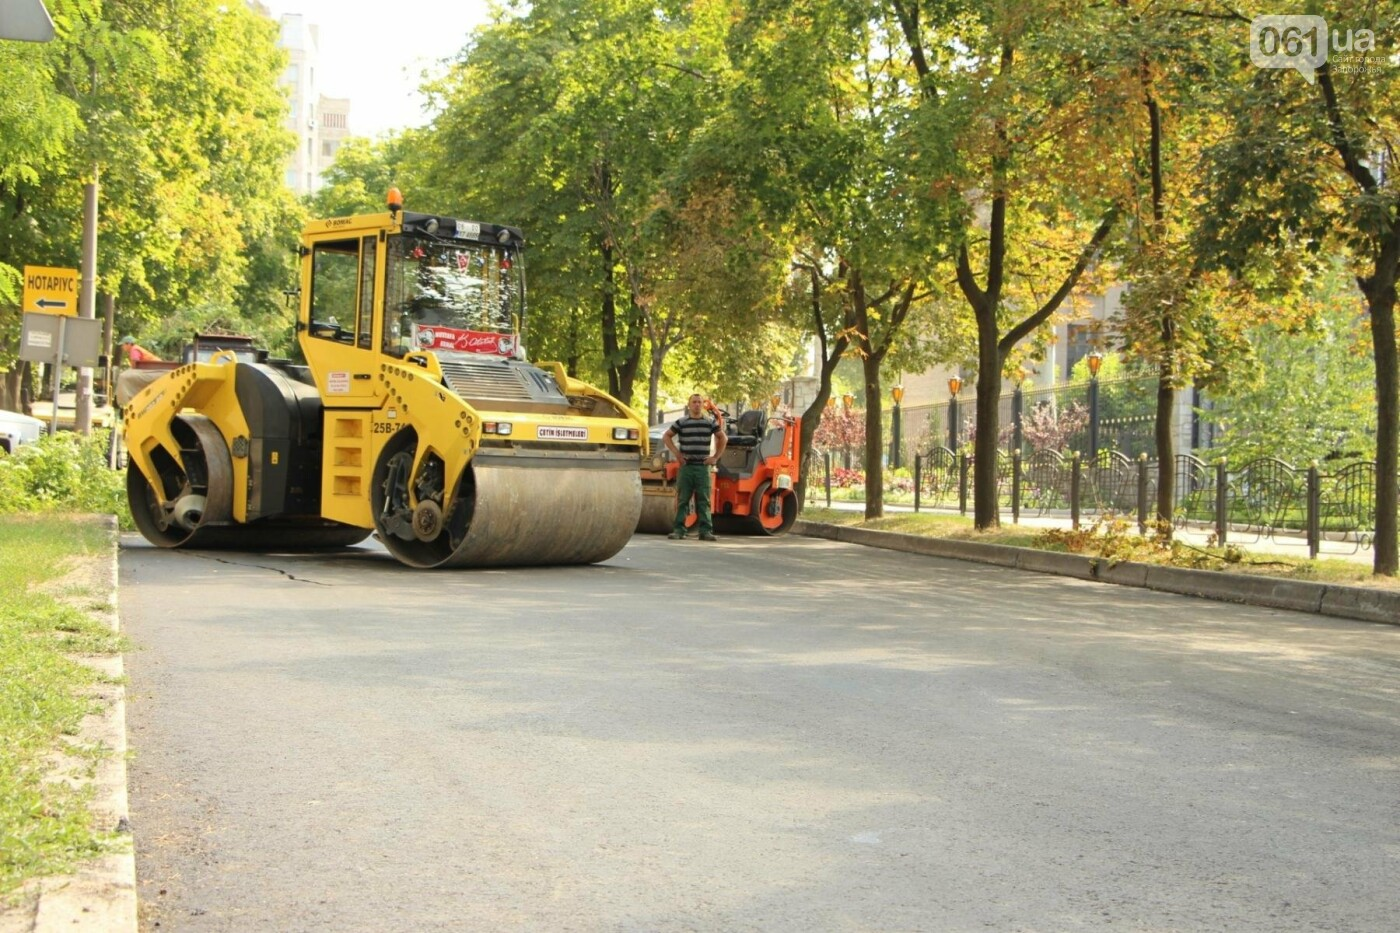 В Запорожье заканчивается ремонт дороги по улице Фортечной - завтра начнут в Вознесеновском, - ФОТОРЕПОРТАЖ, фото-10